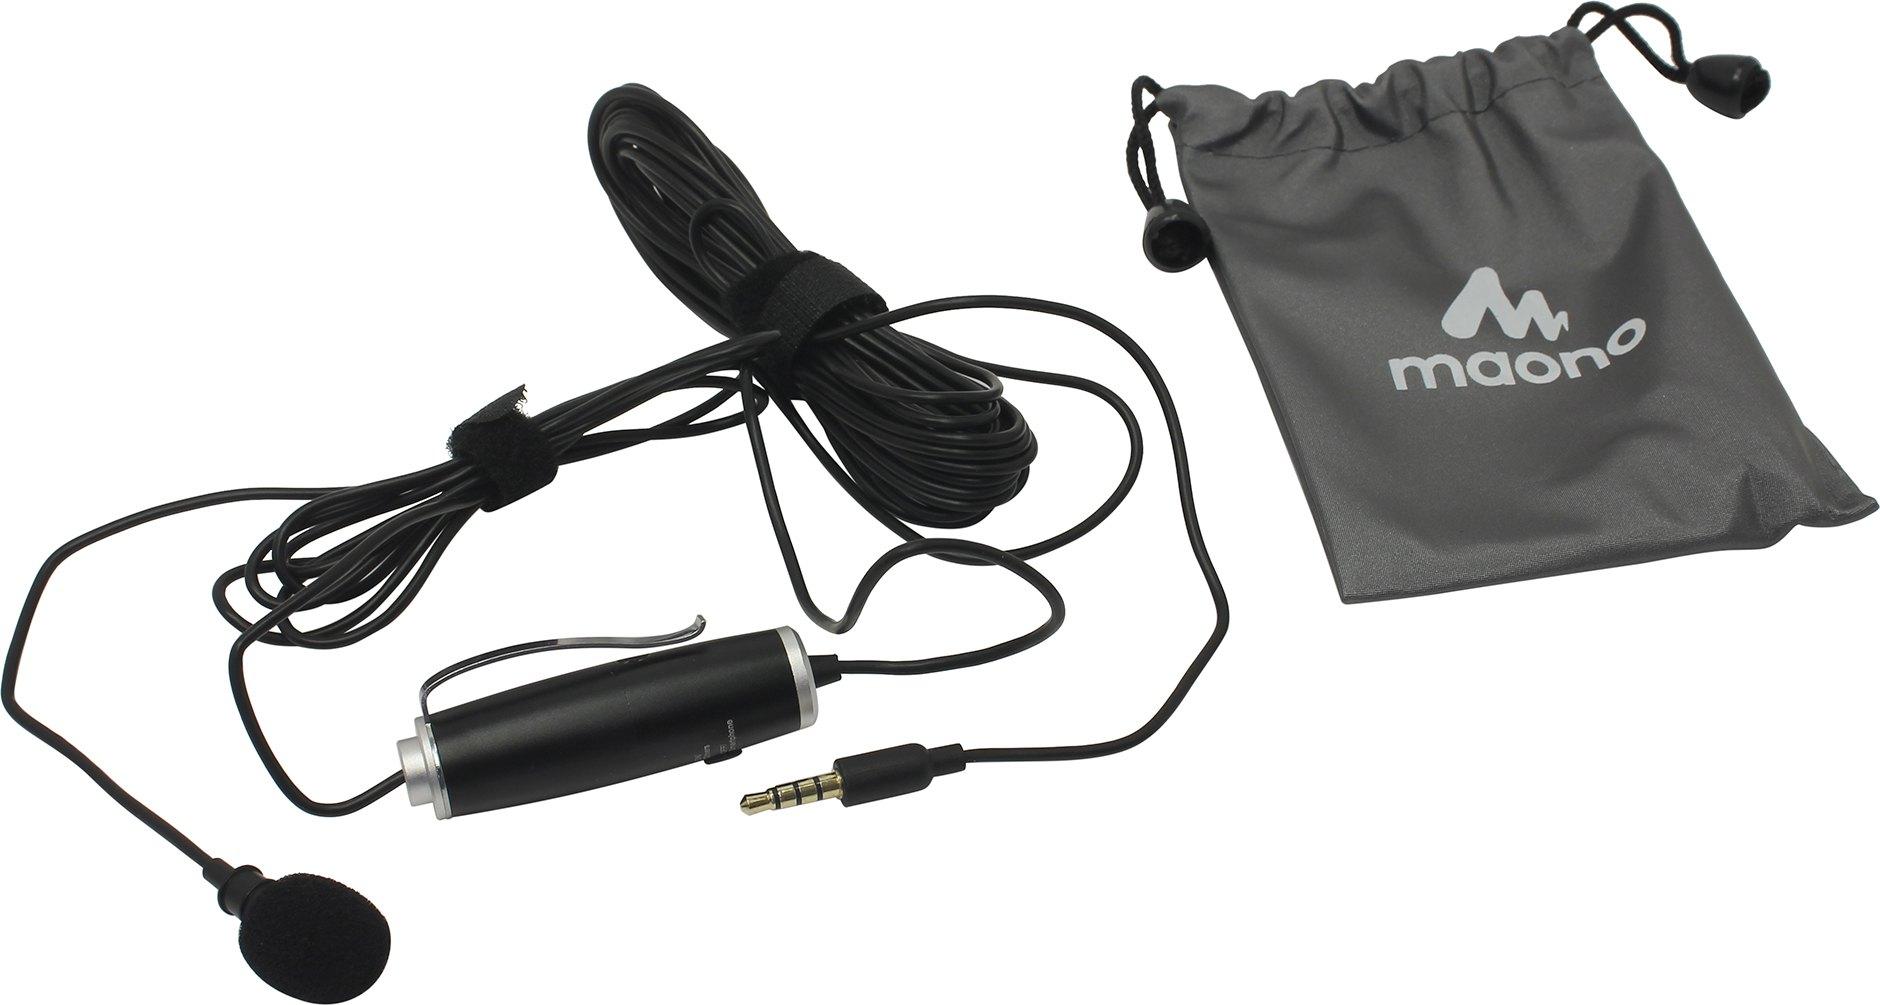 Микрофон MAONO AU-101 — купить, цена и характеристики, отзывы